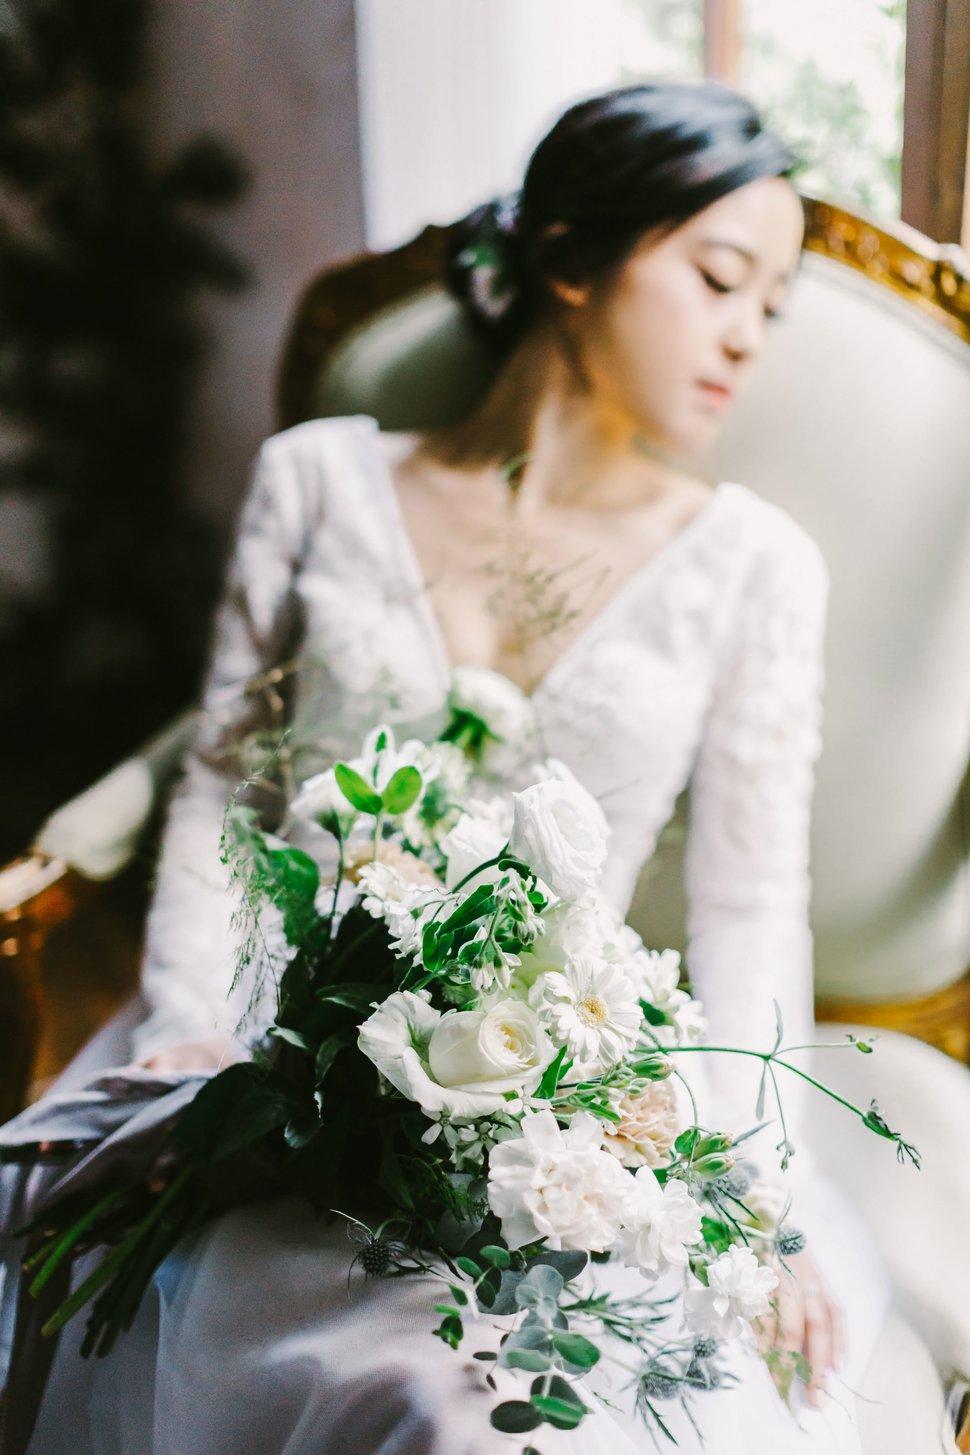 美式婚紗-自助婚紗-Amazing Grace攝影-台中婚紗- Amazing Grace Studio53 - Amazing Grace Studio《結婚吧》